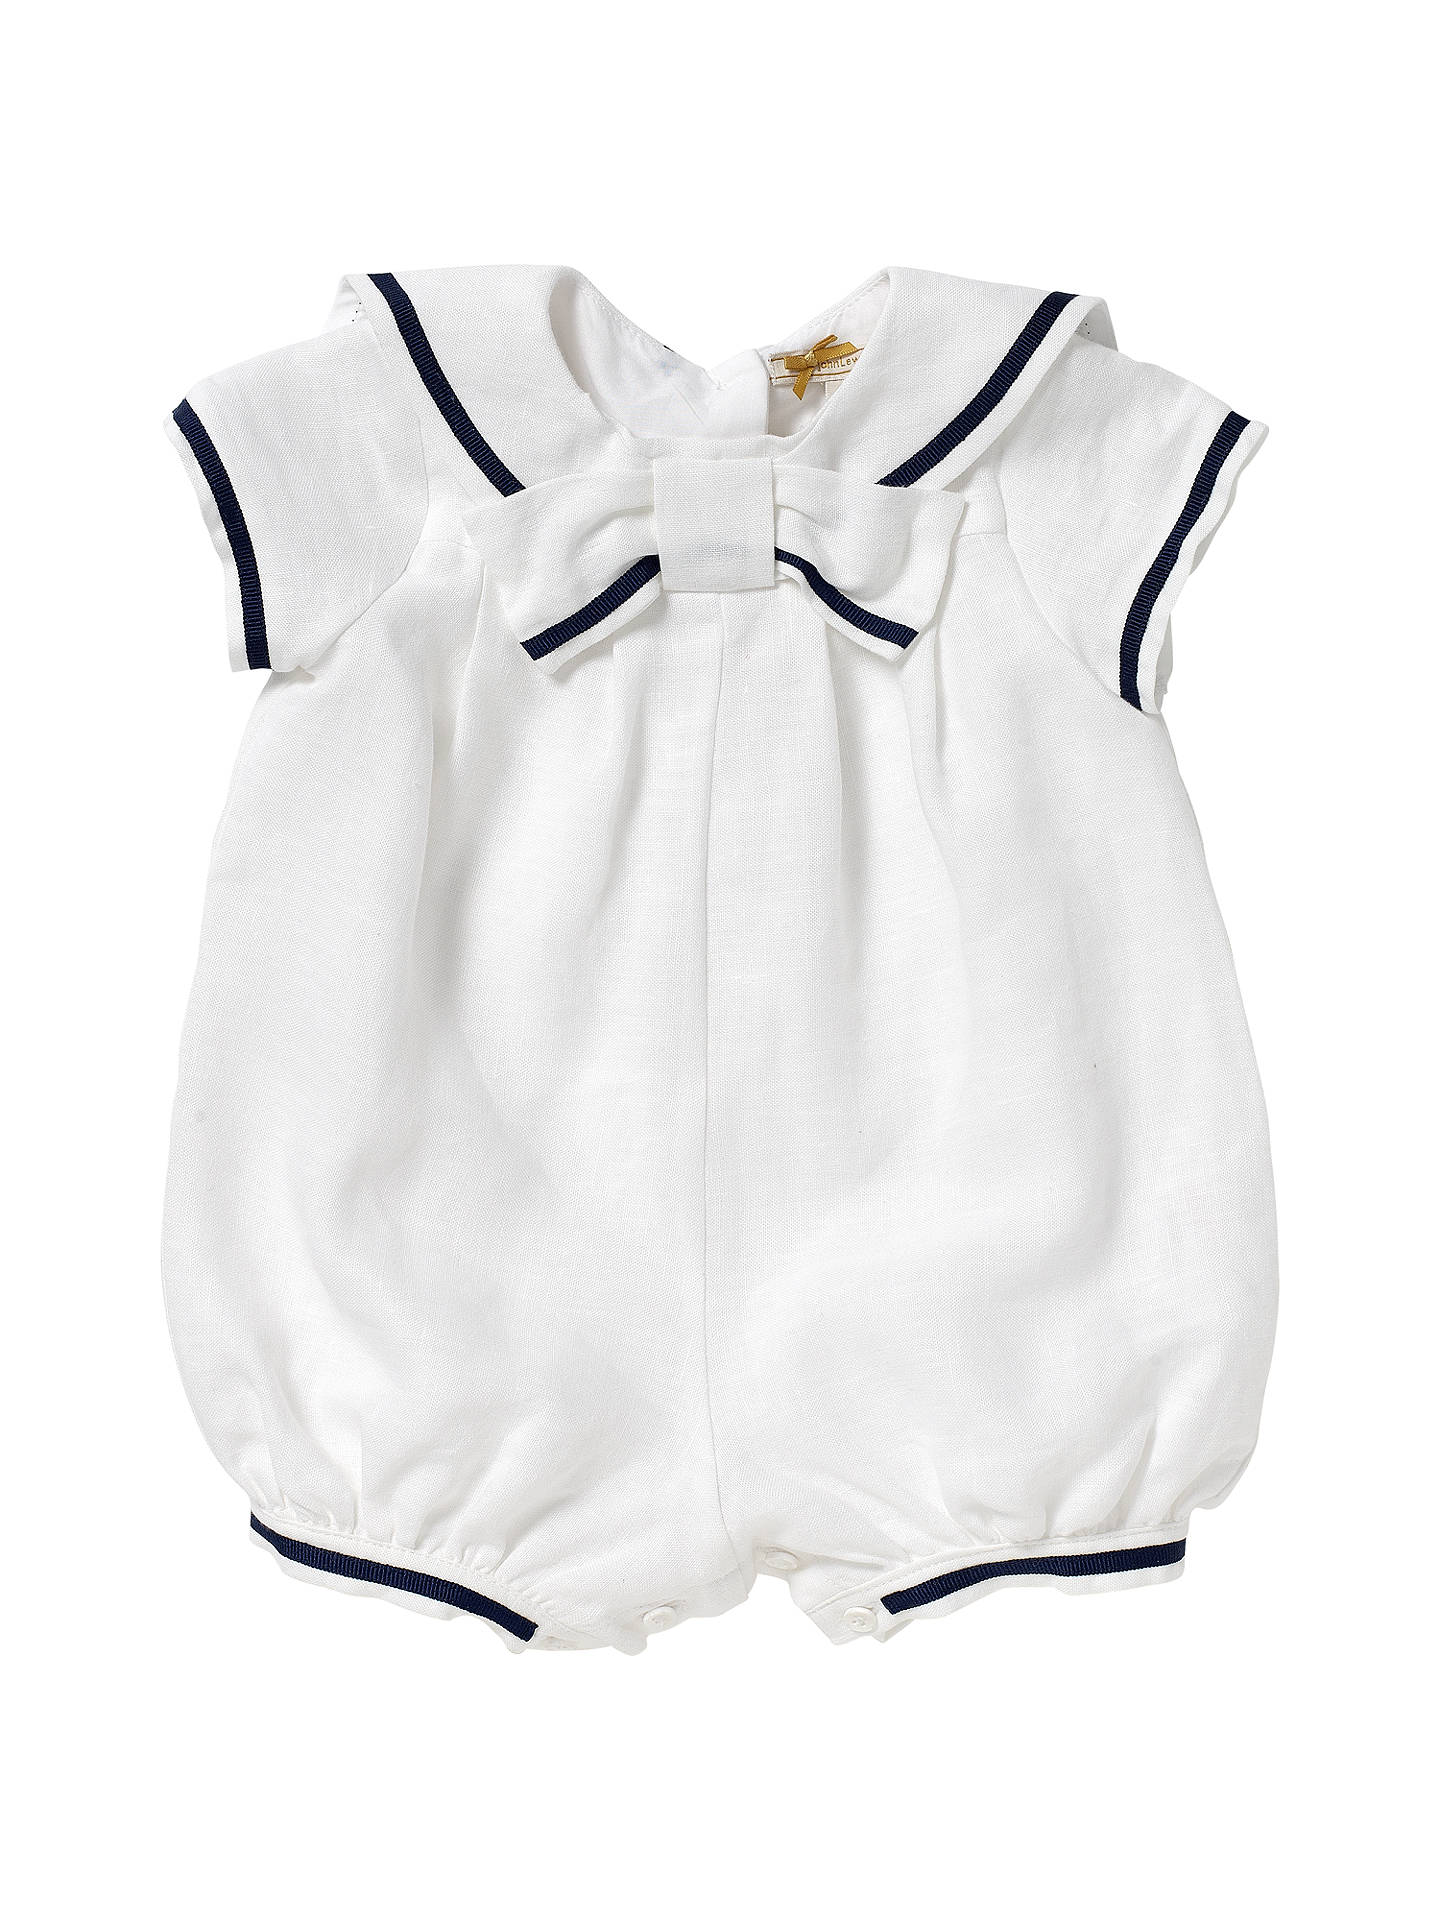 Baby Christening Clothing John Lewis Christening